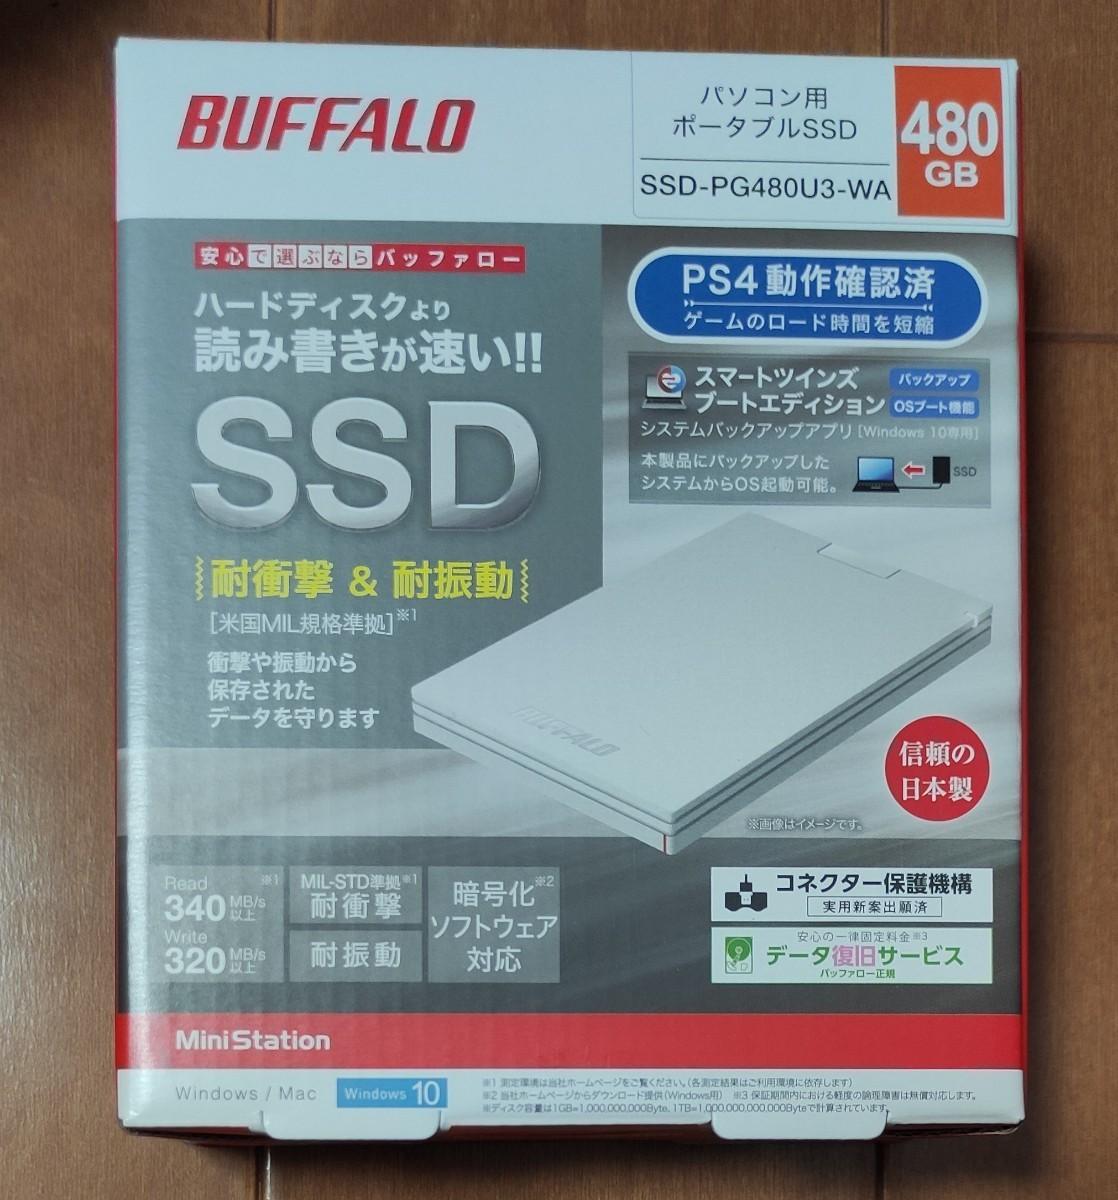 新品未開封品 480GB ポータブルSSD 外付けSSD BUFFALO